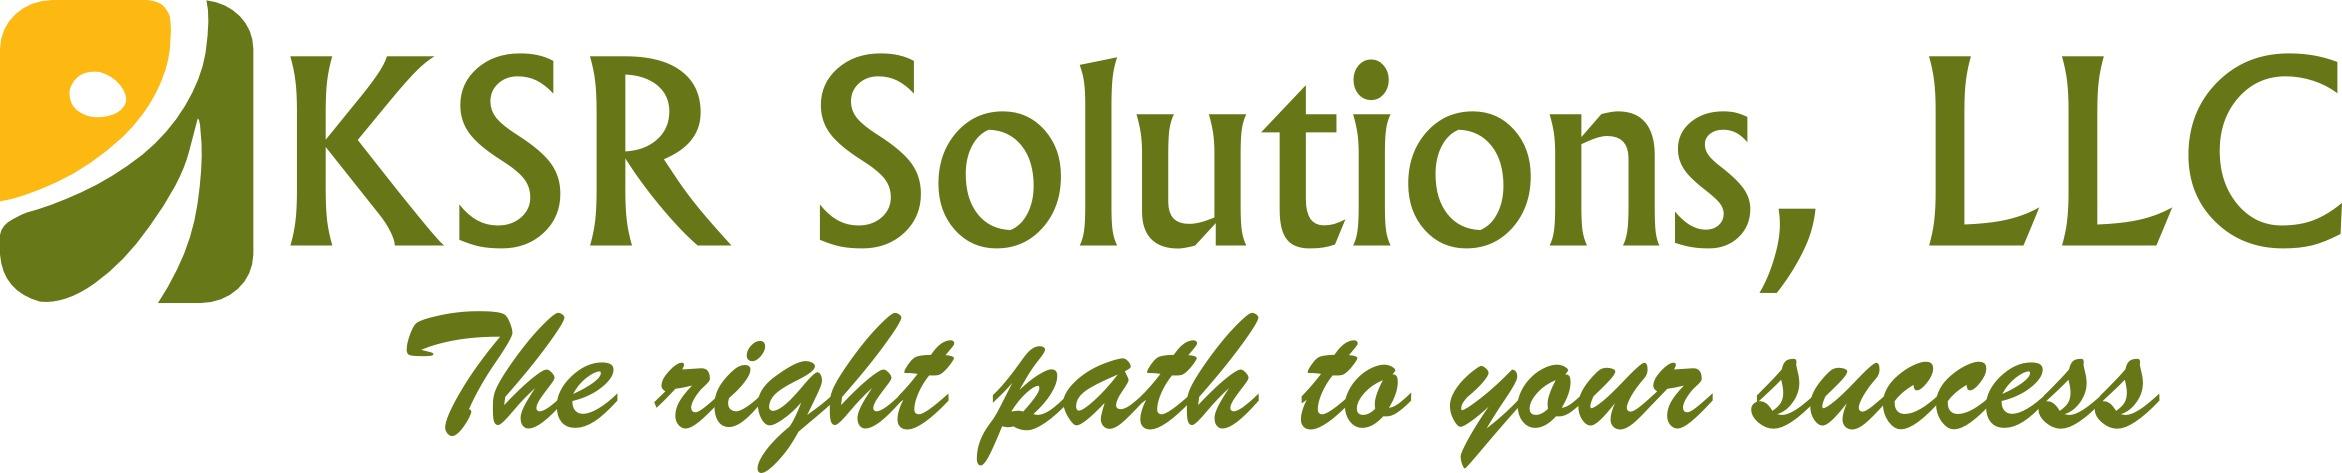 KSR Solutions LLC